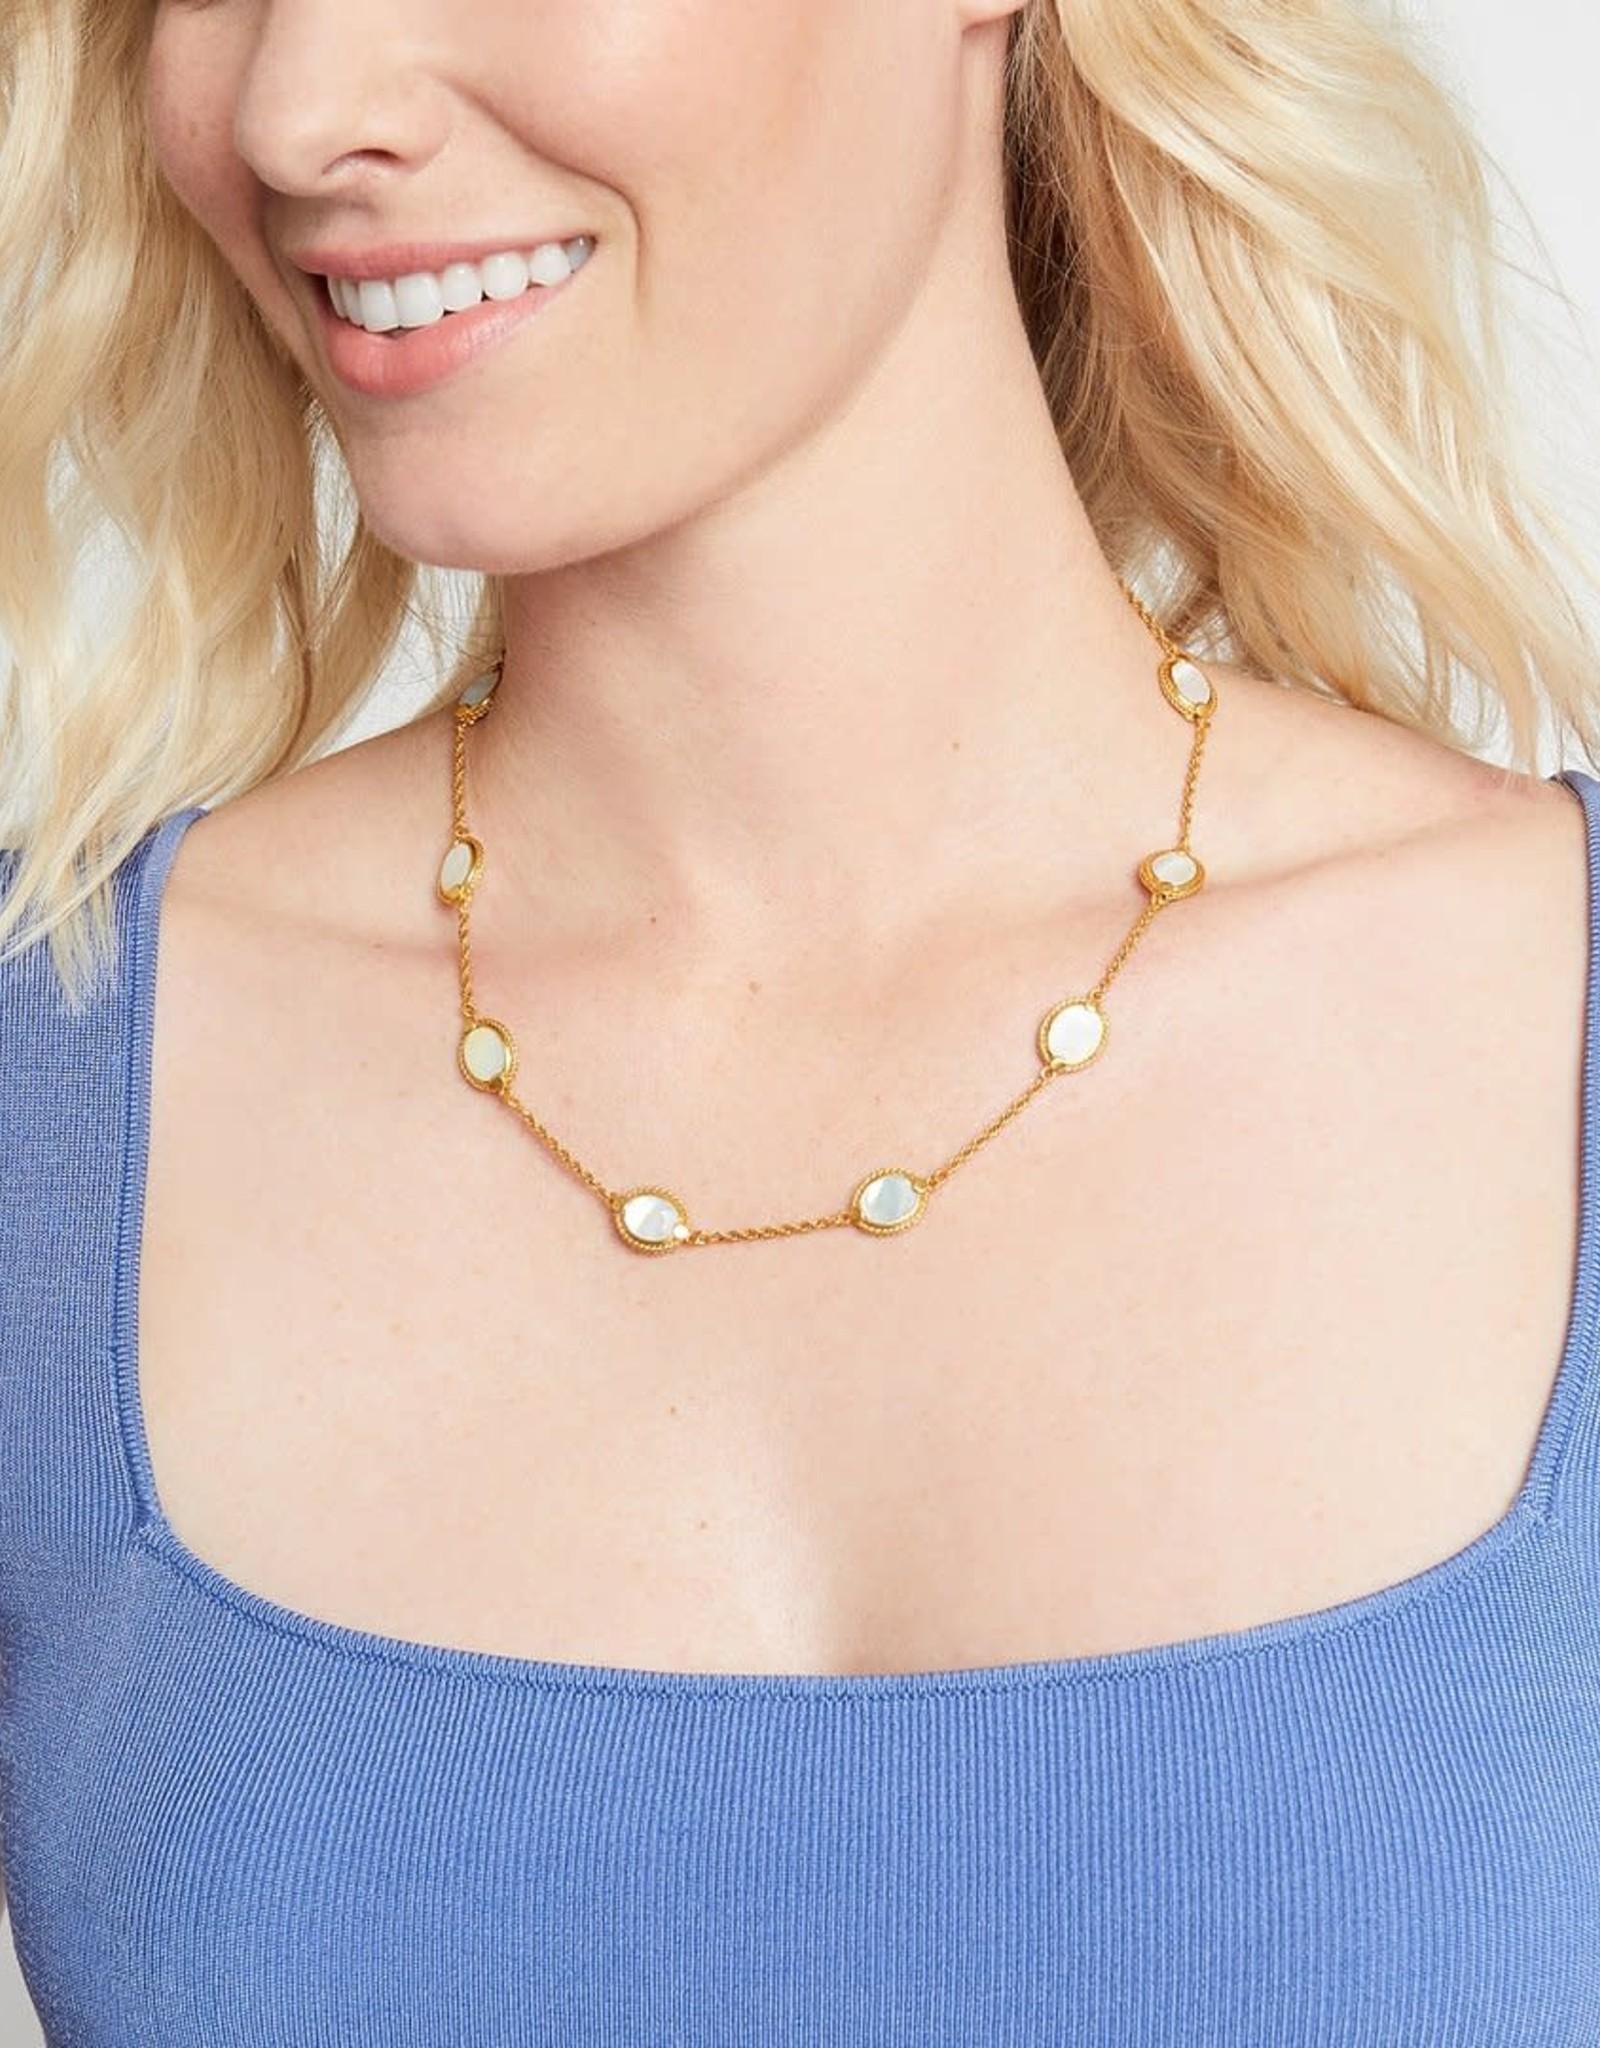 Julie Vos Julie Vos Calypso Delicate Station Necklace Pearl